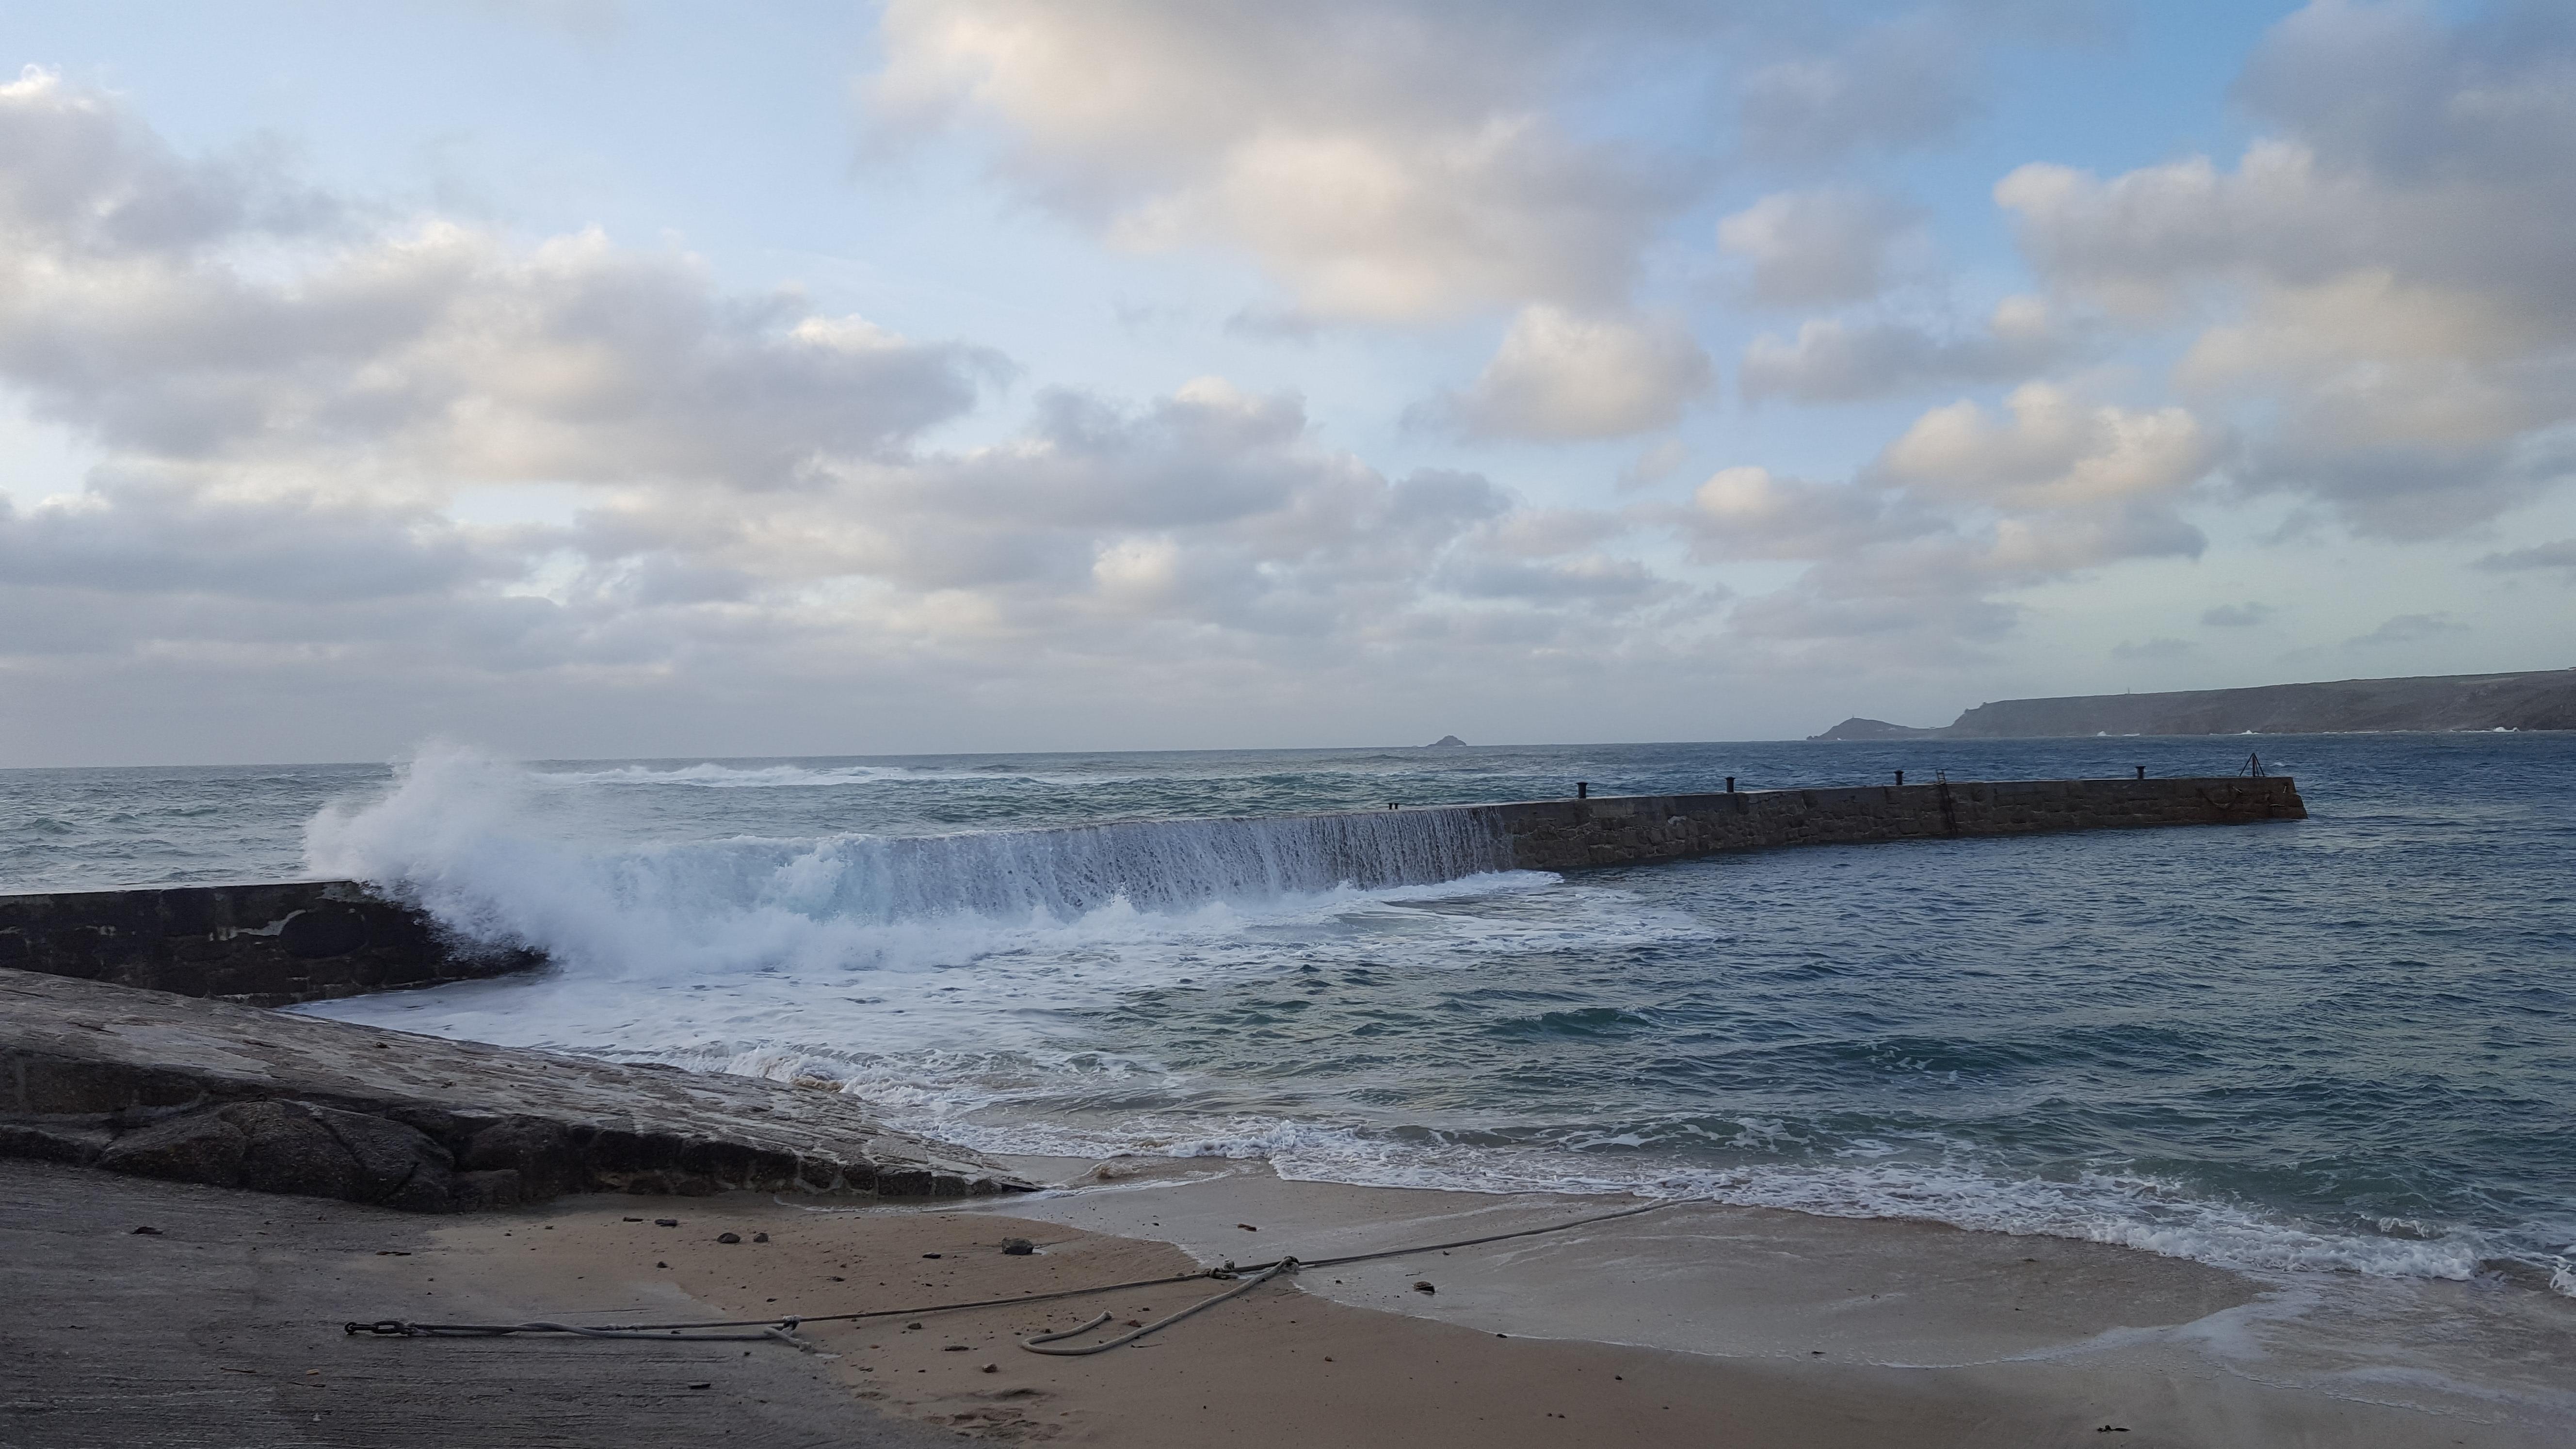 Sennen Cove Quay